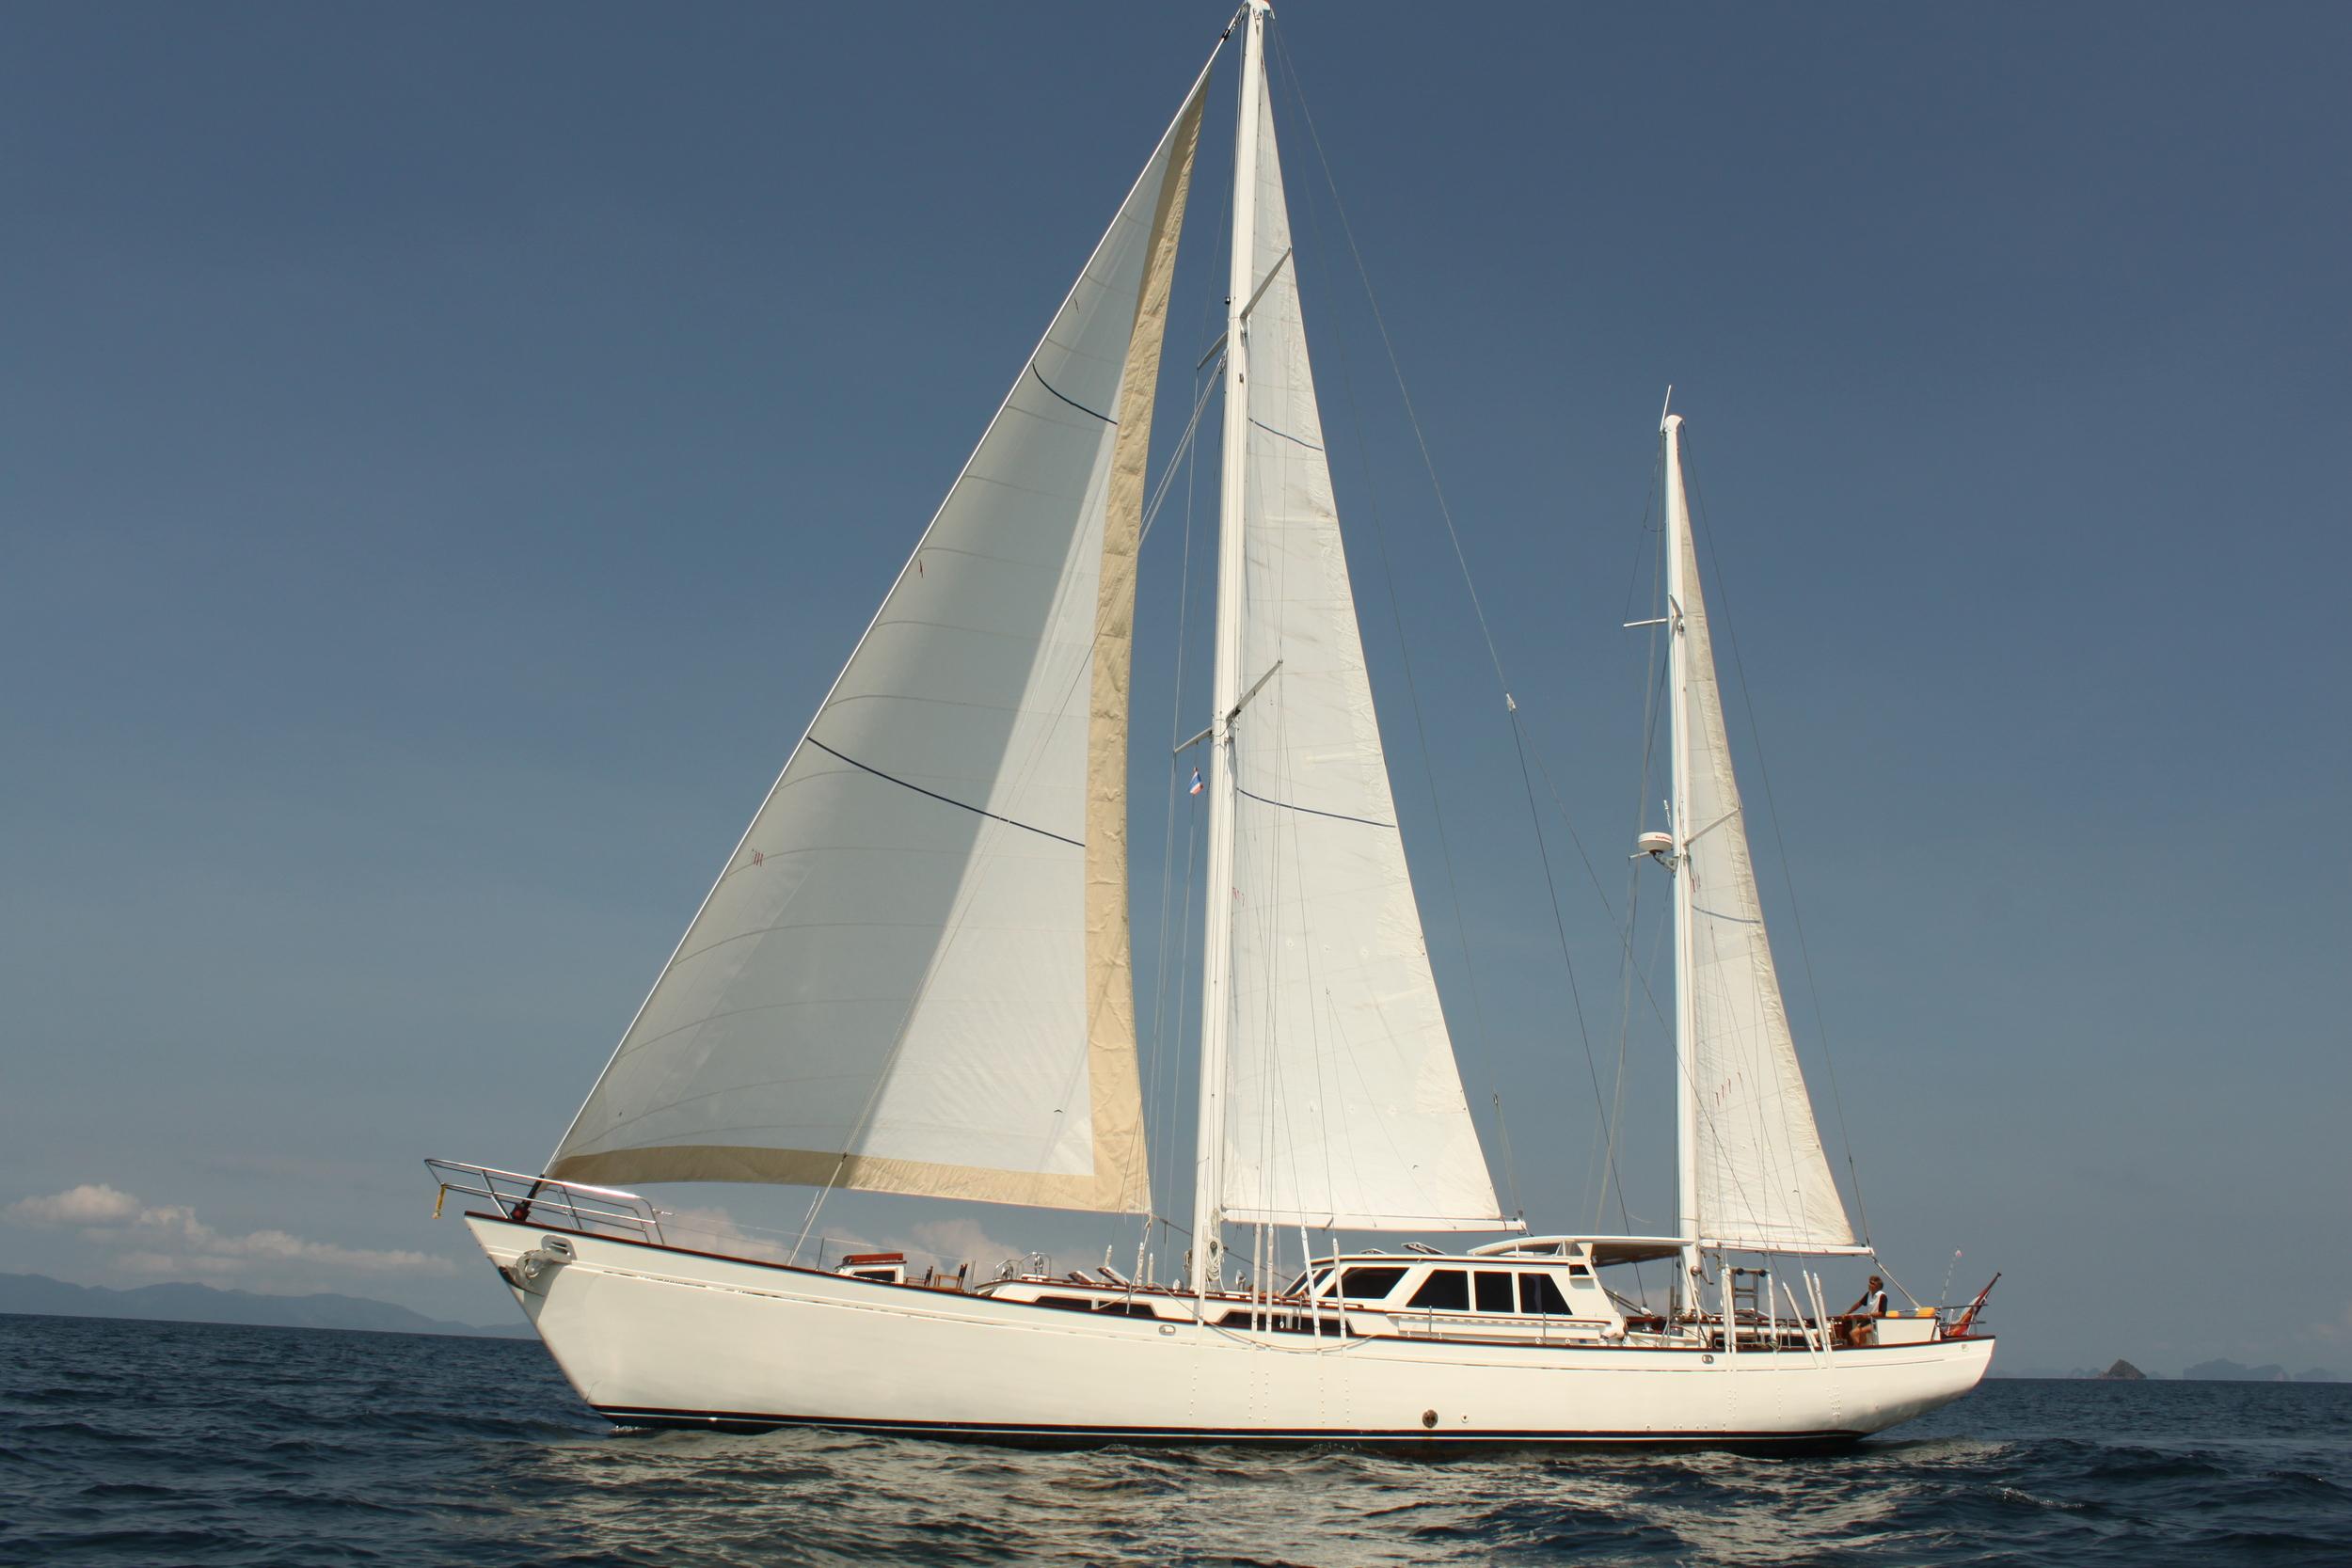 Meta IV, under full sails